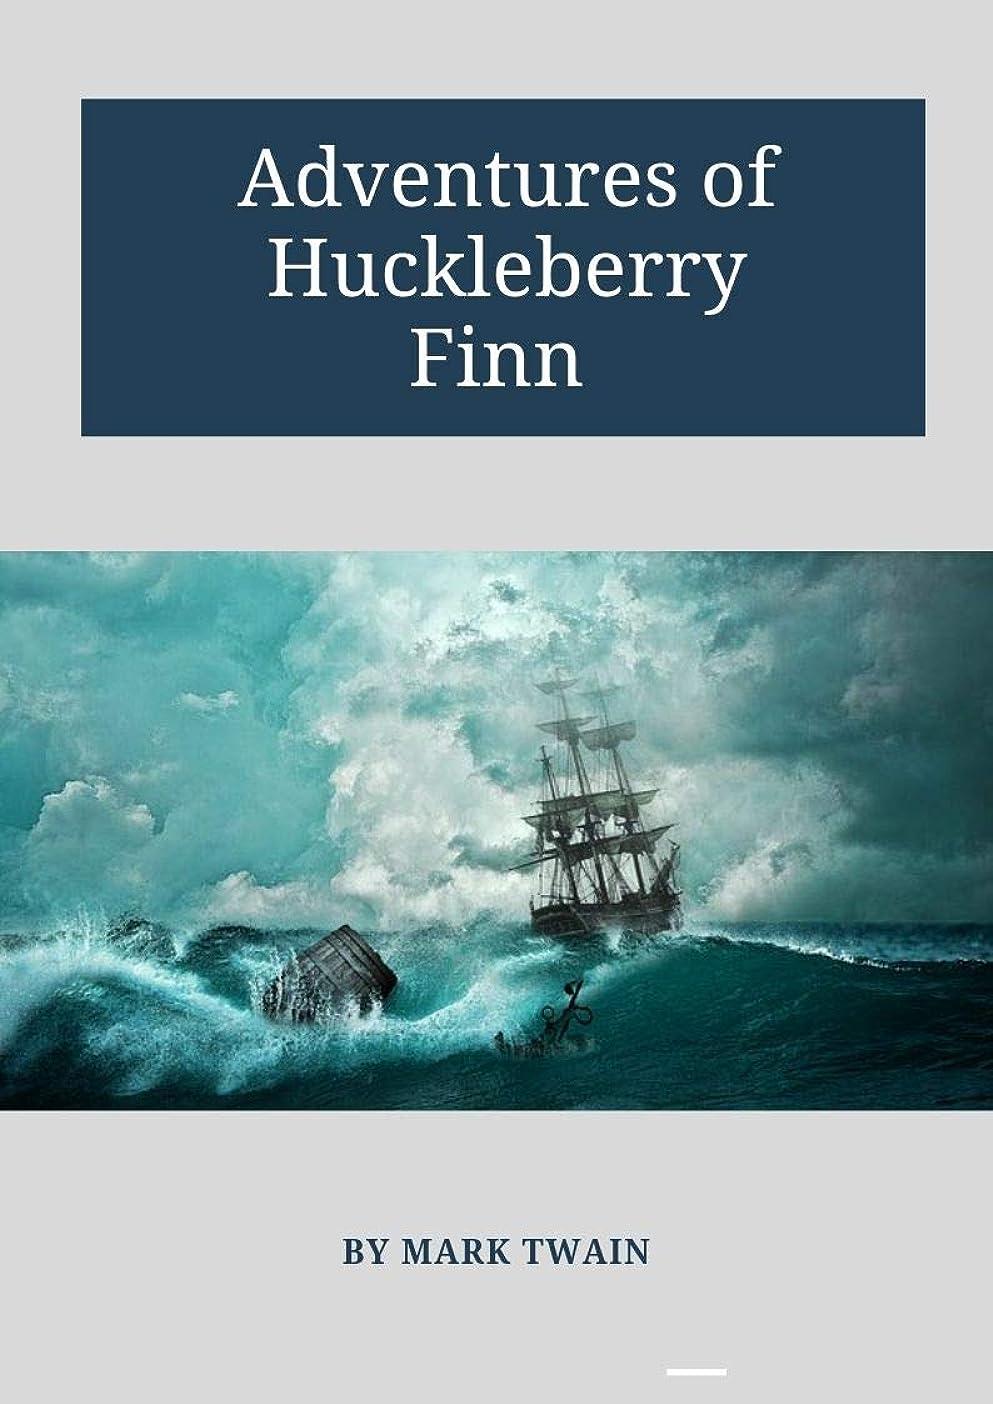 ワーディアンケース文明墓Adventures of Huckleberry Finn (English Edition)